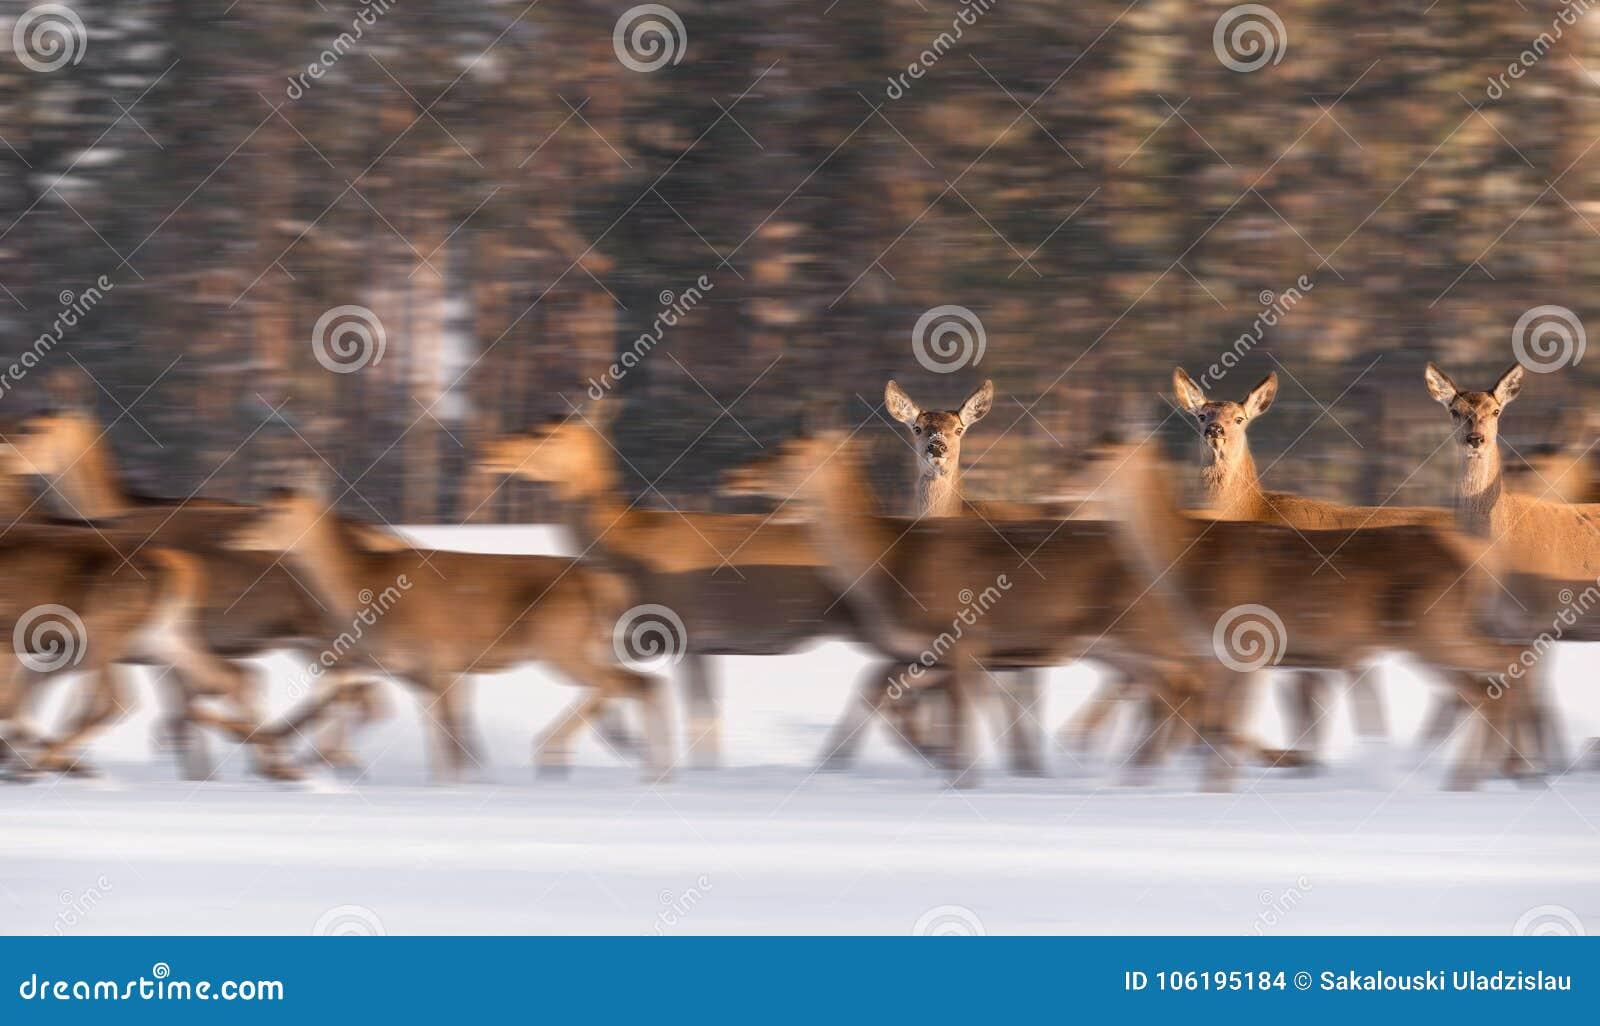 Zwolnione Tempo: Trzy kobiet rogacza Szlachetny stojak Nieporuszony Wśród Działającego stada W tle zima las Clos spojrzenie I